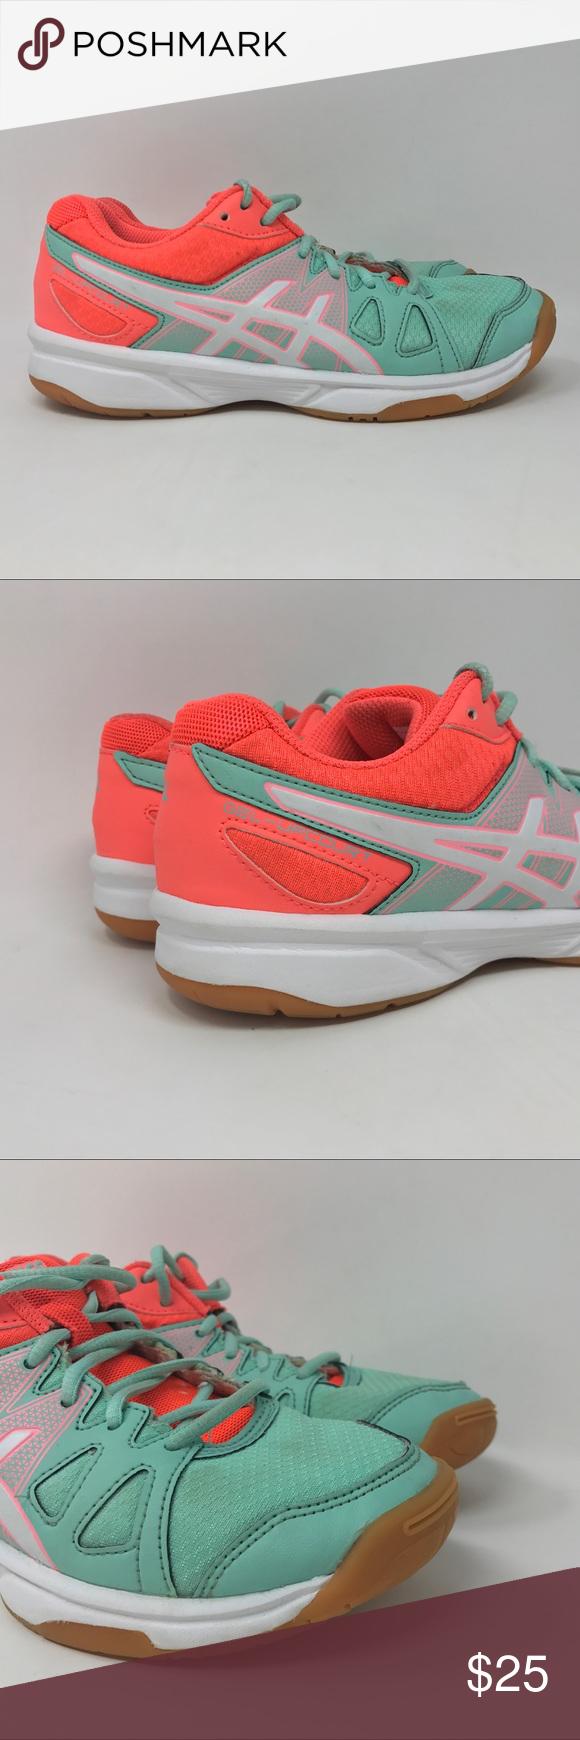 Asics Gel Upcourt Volleyball Shoes Womens 3 5 D25 Volleyball Shoes Women Shoes Shoes